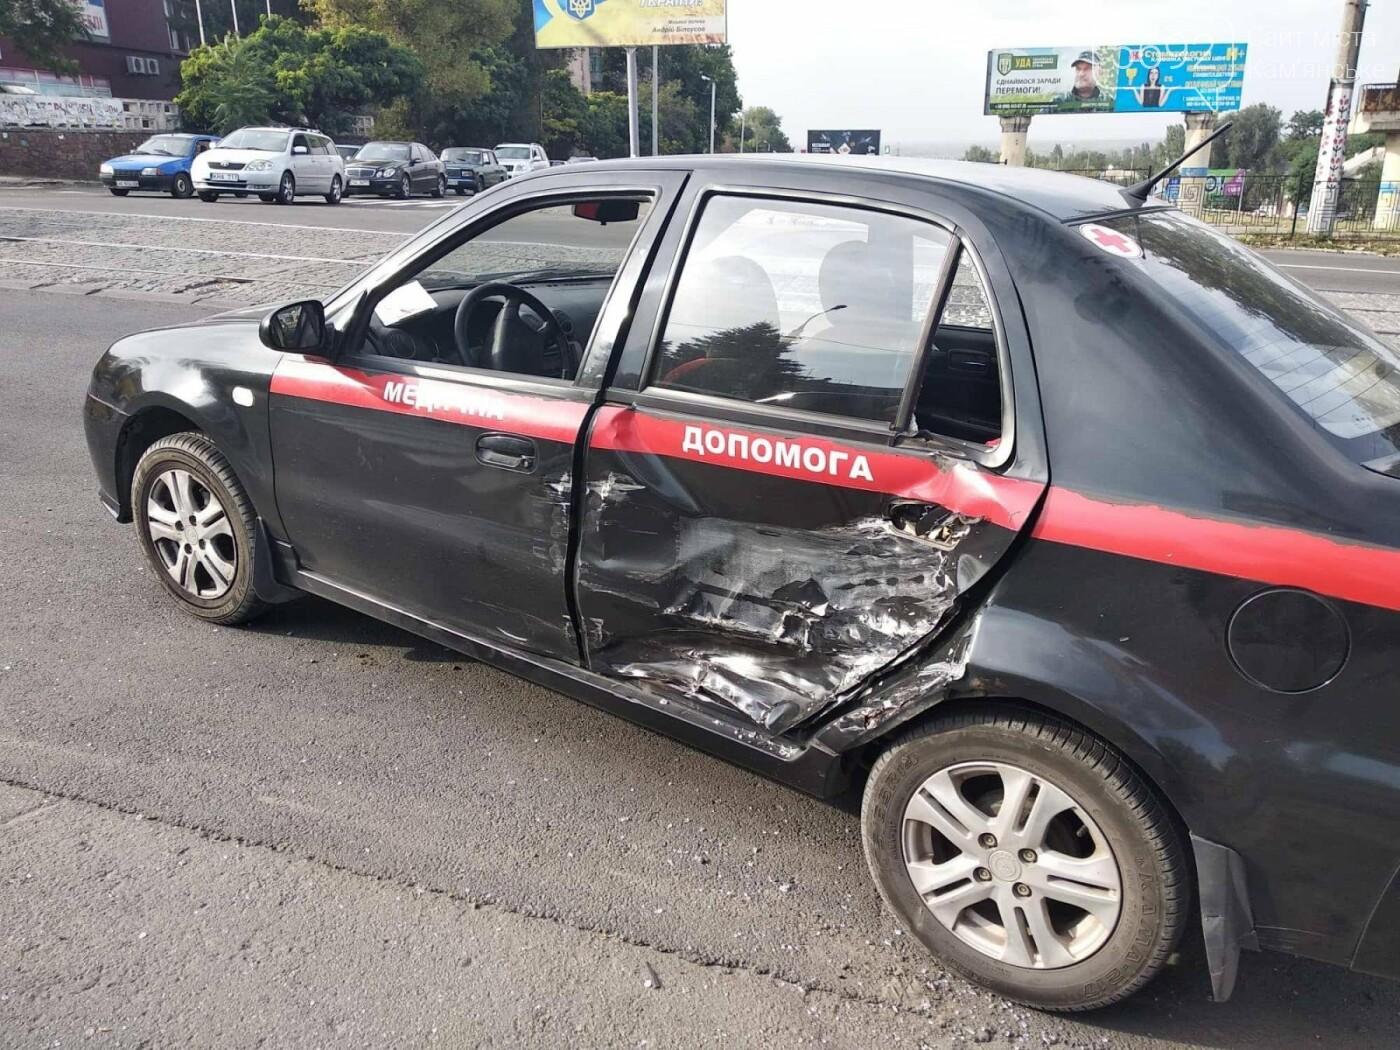 ДТП в Каменском: на аварийно-опасном перекрестке столкнулись два автомобиля, фото-5